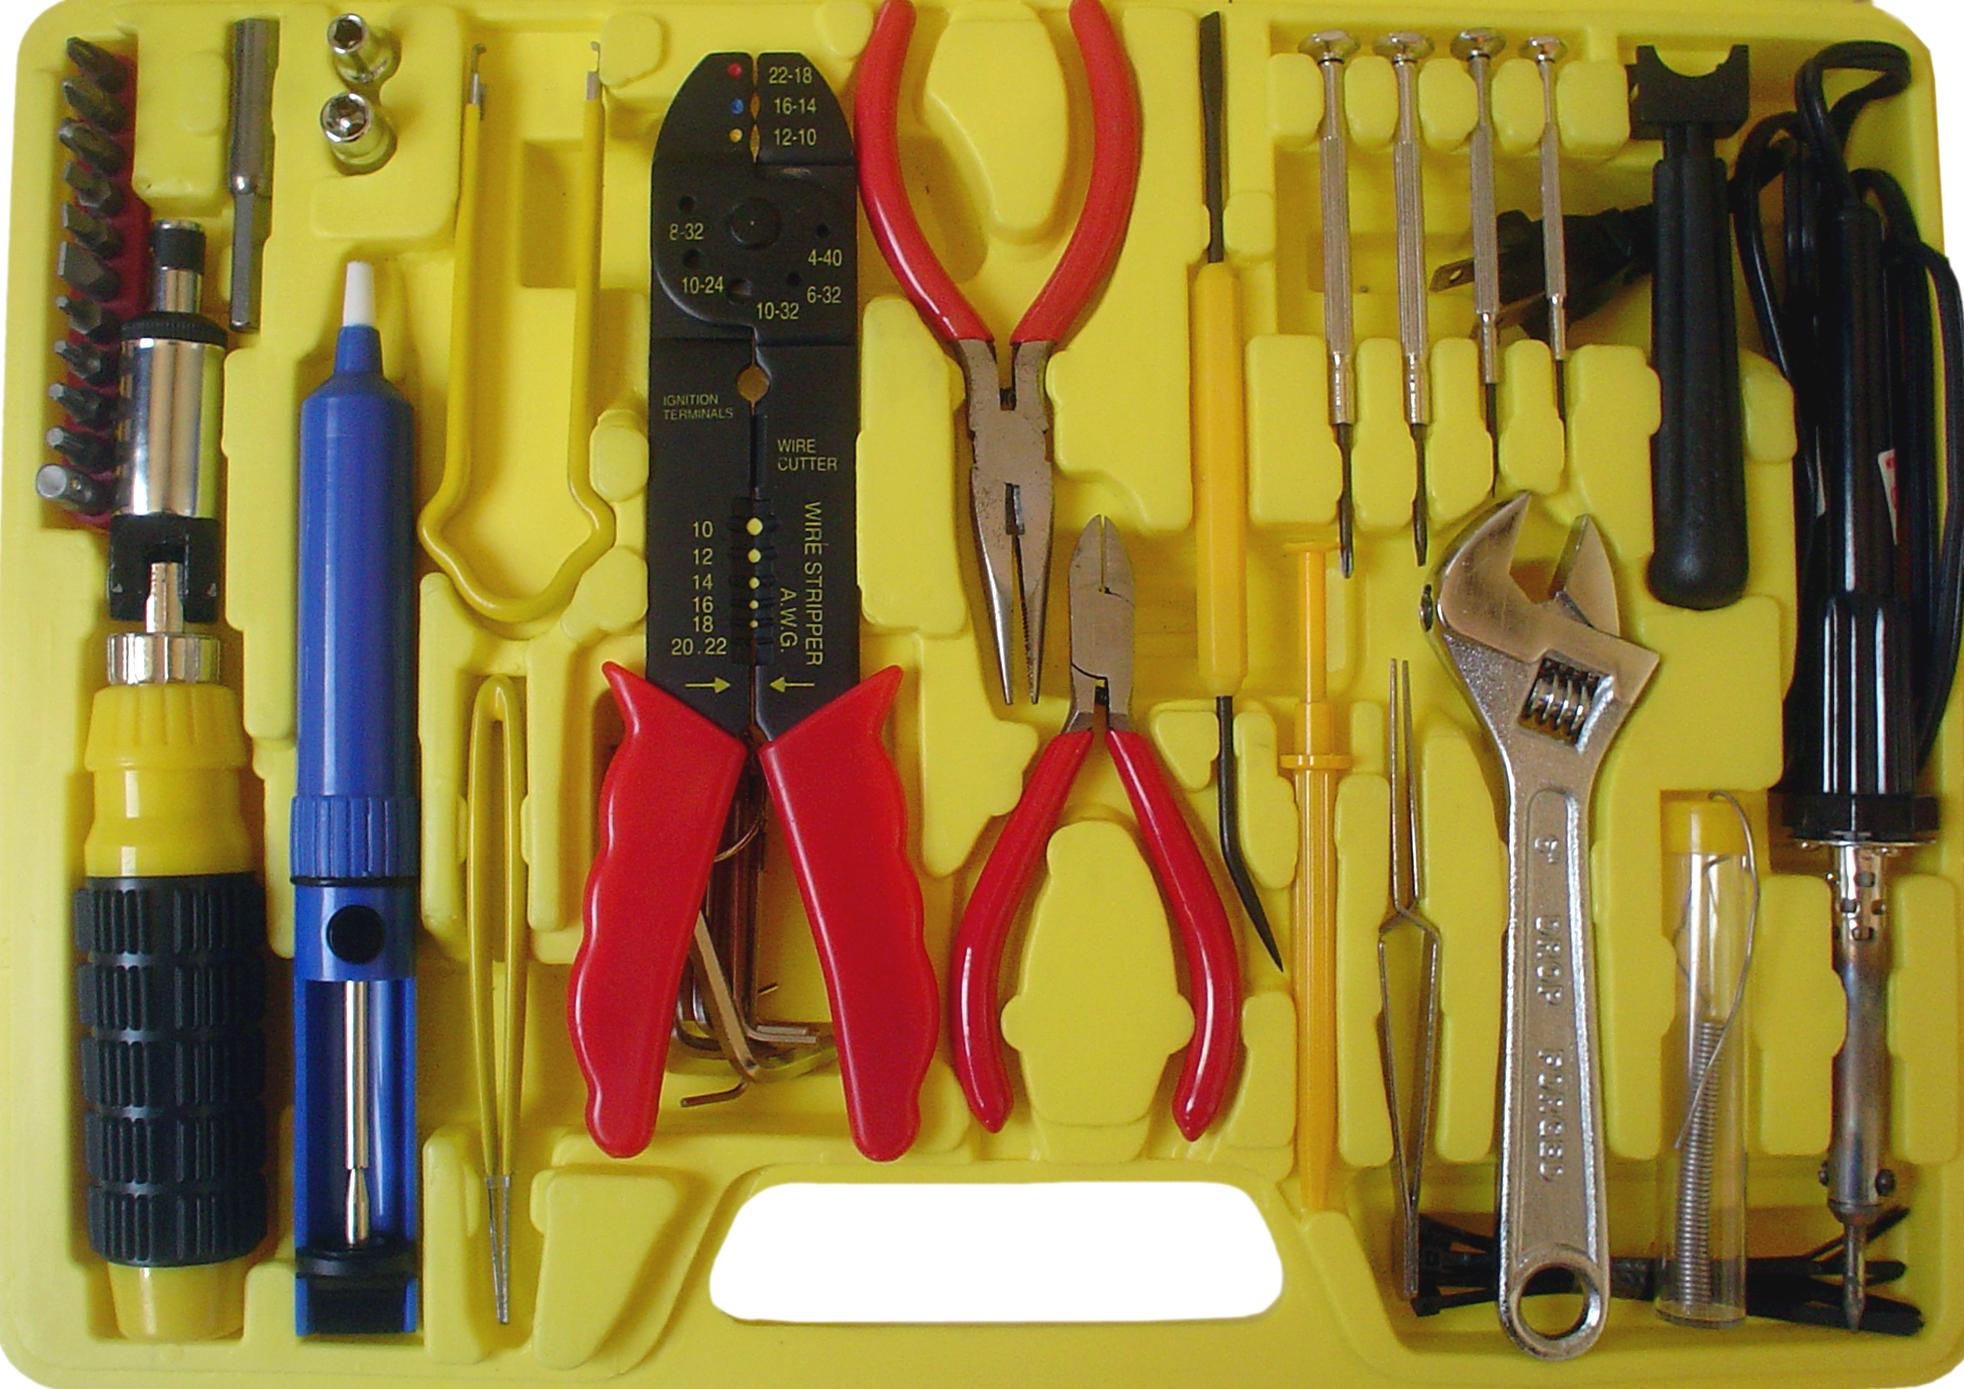 Herramientas importantes para electricidad en el hogar for Casa para herramientas